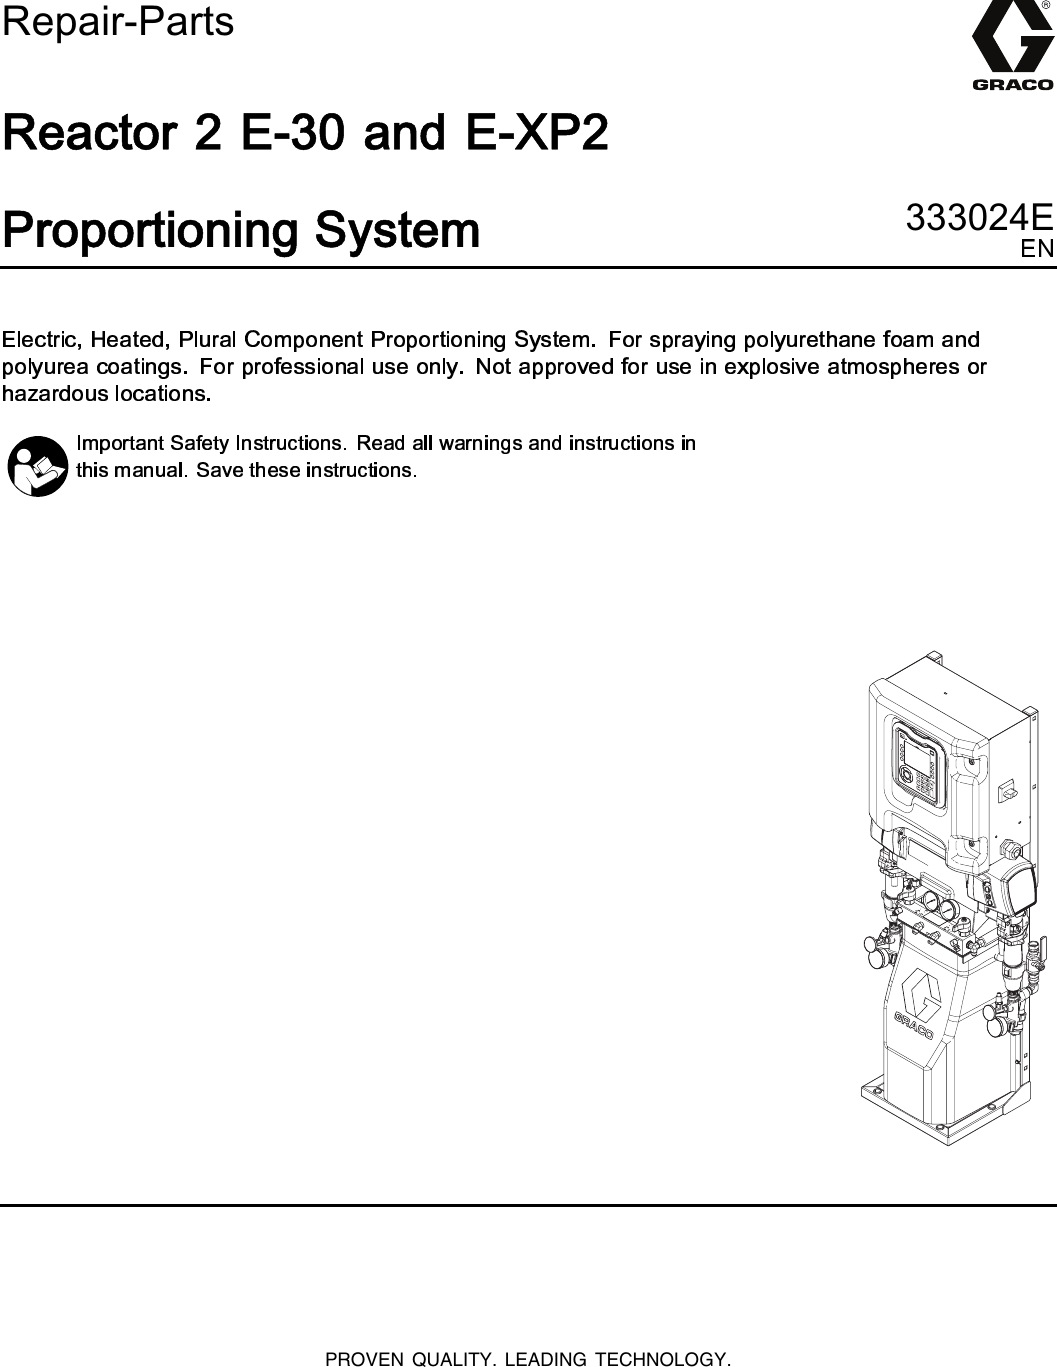 graco reactor e xp2 manual